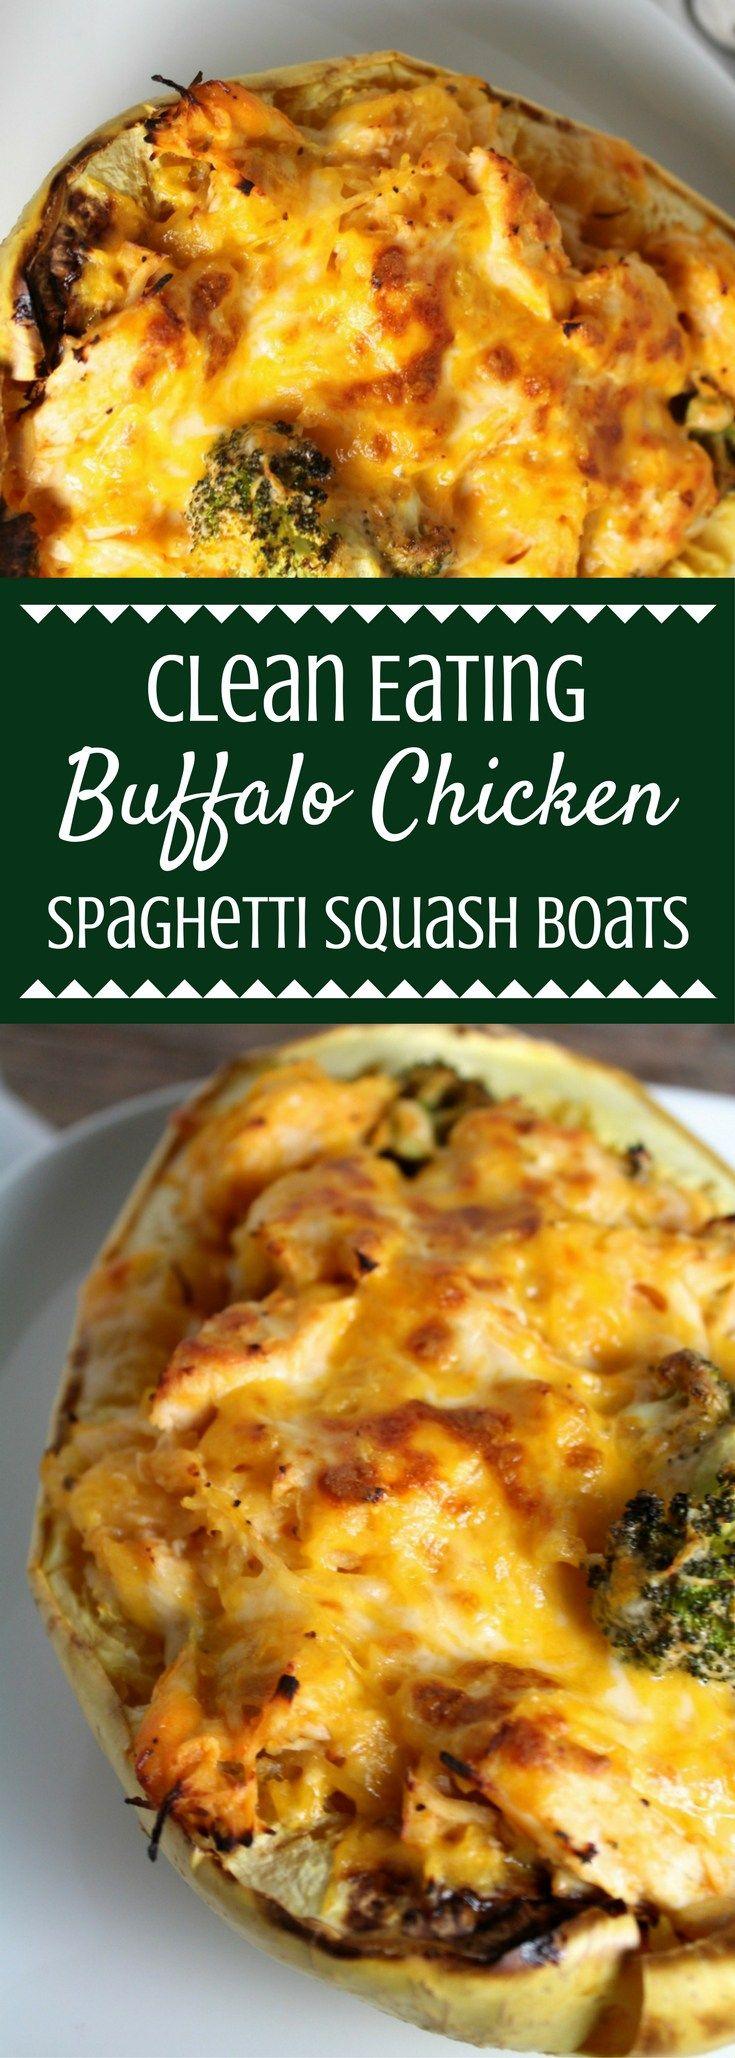 Best 25+ Chicken spaghetti squash ideas on Pinterest ...